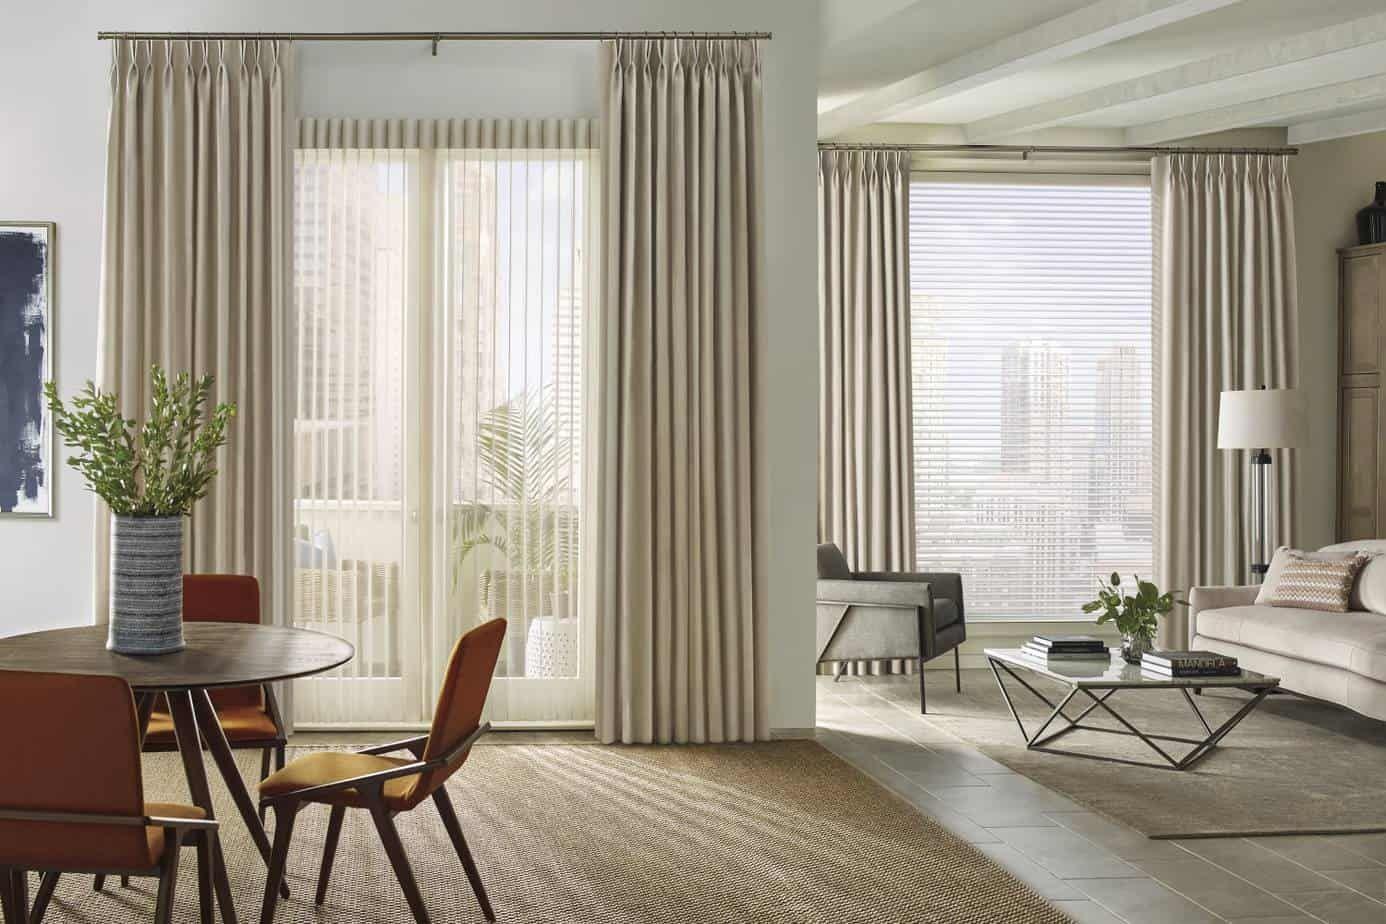 Modern Curtains 2021 Beige Living Room Blackout Curtains Modern Curtains Drapery Designs Custom Window Blinds